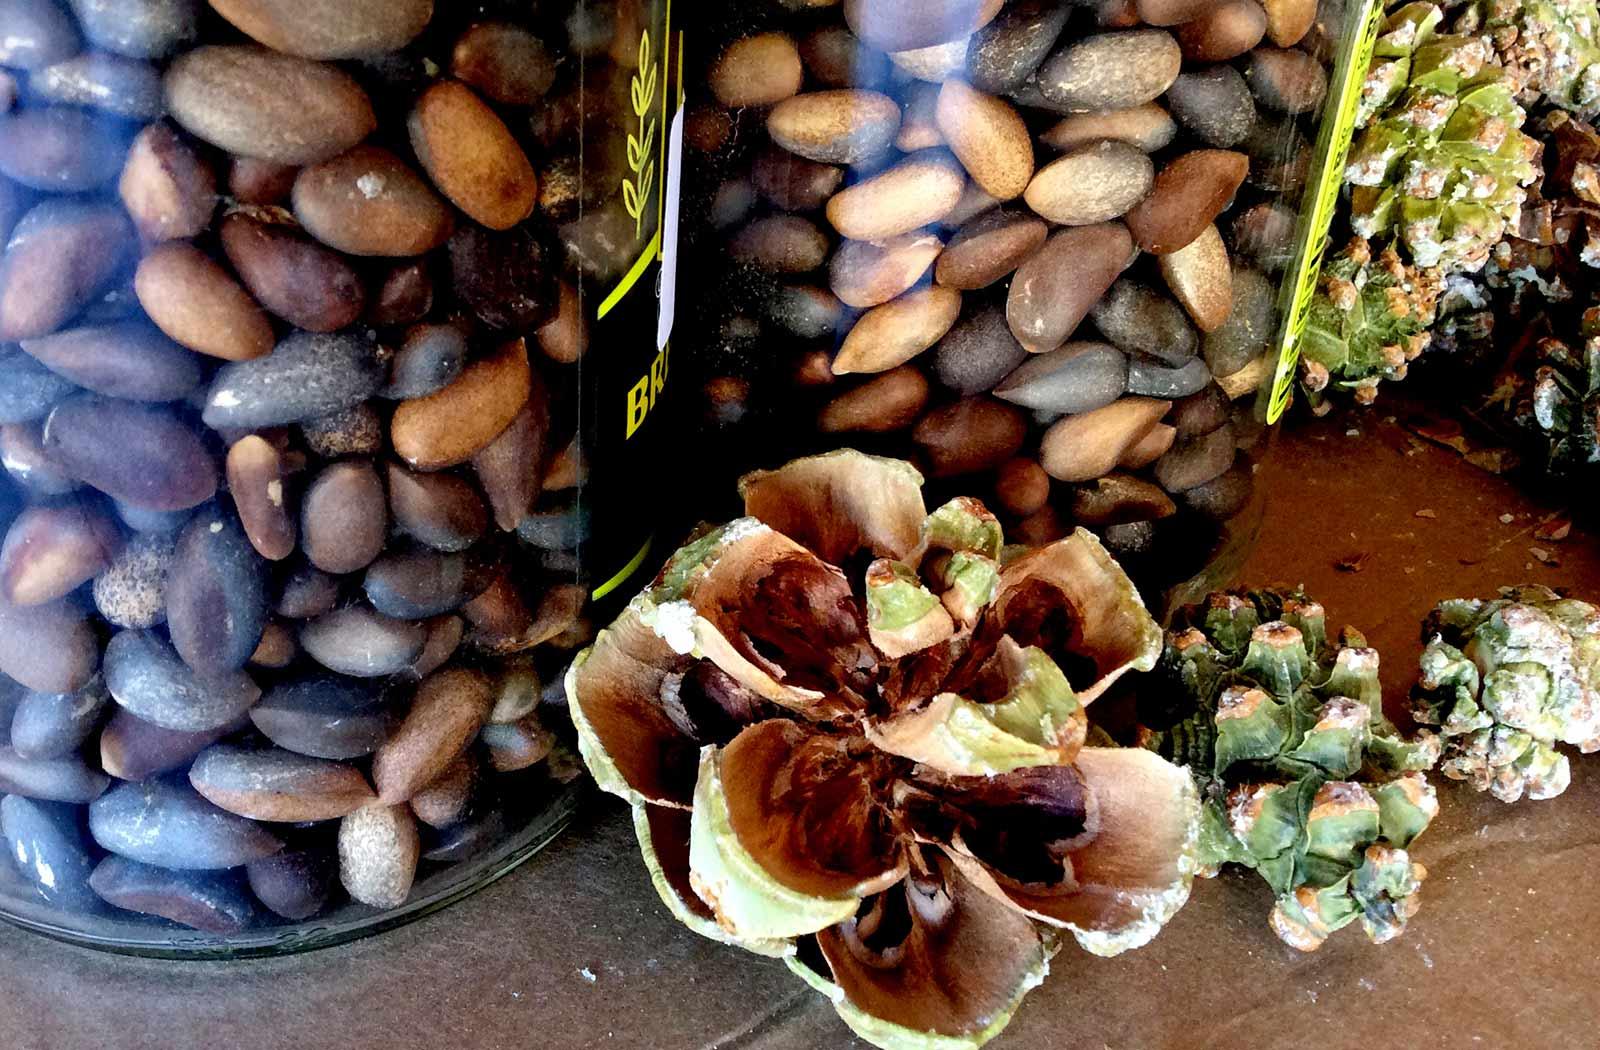 mojave desert seed bank